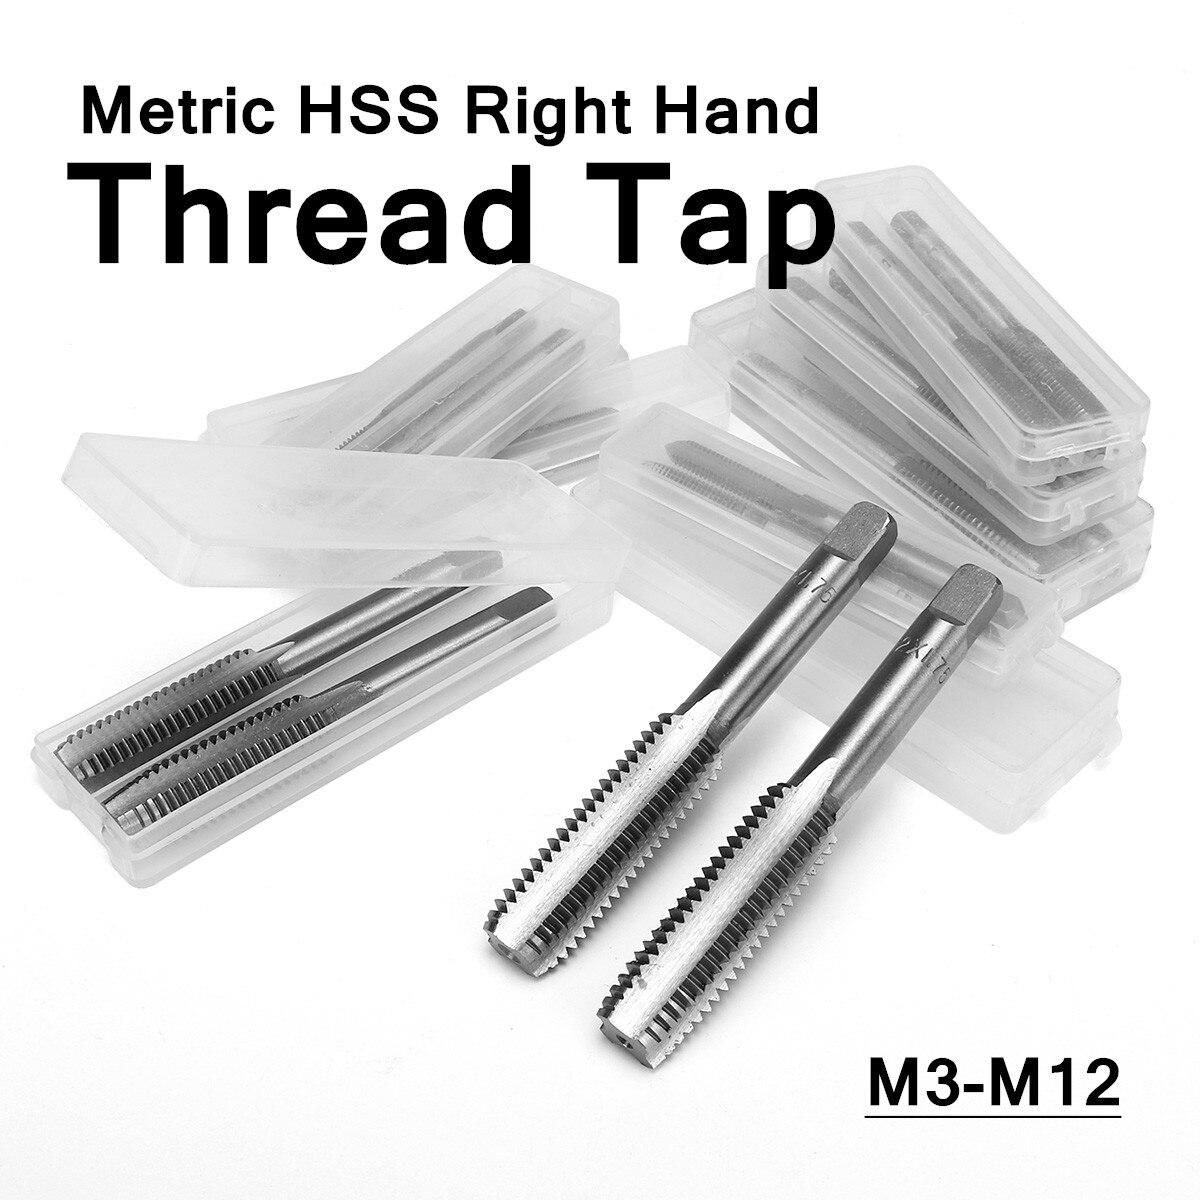 Juego de 2 uds machuelos DORESUPP espiral pulgadas M3 M4 M5 M6 M7 M8 M9 M10 M12 Industrial métrico HSS taladro derecho brocas clavijas